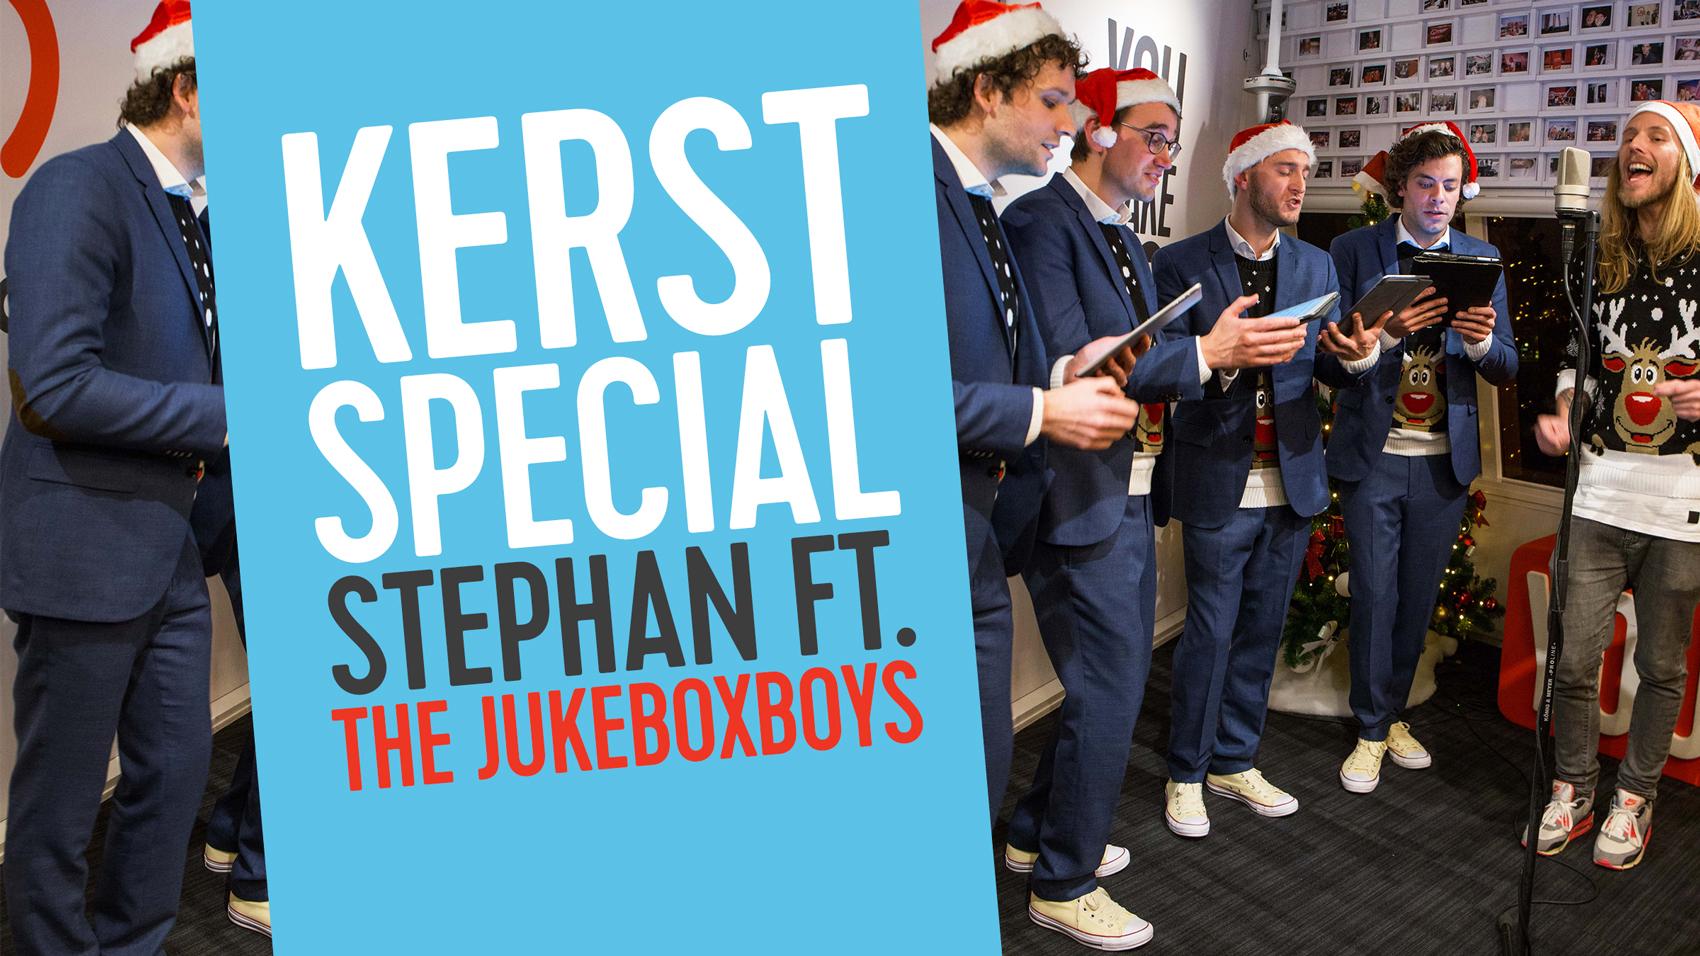 Jukeboxboysstephan teaser